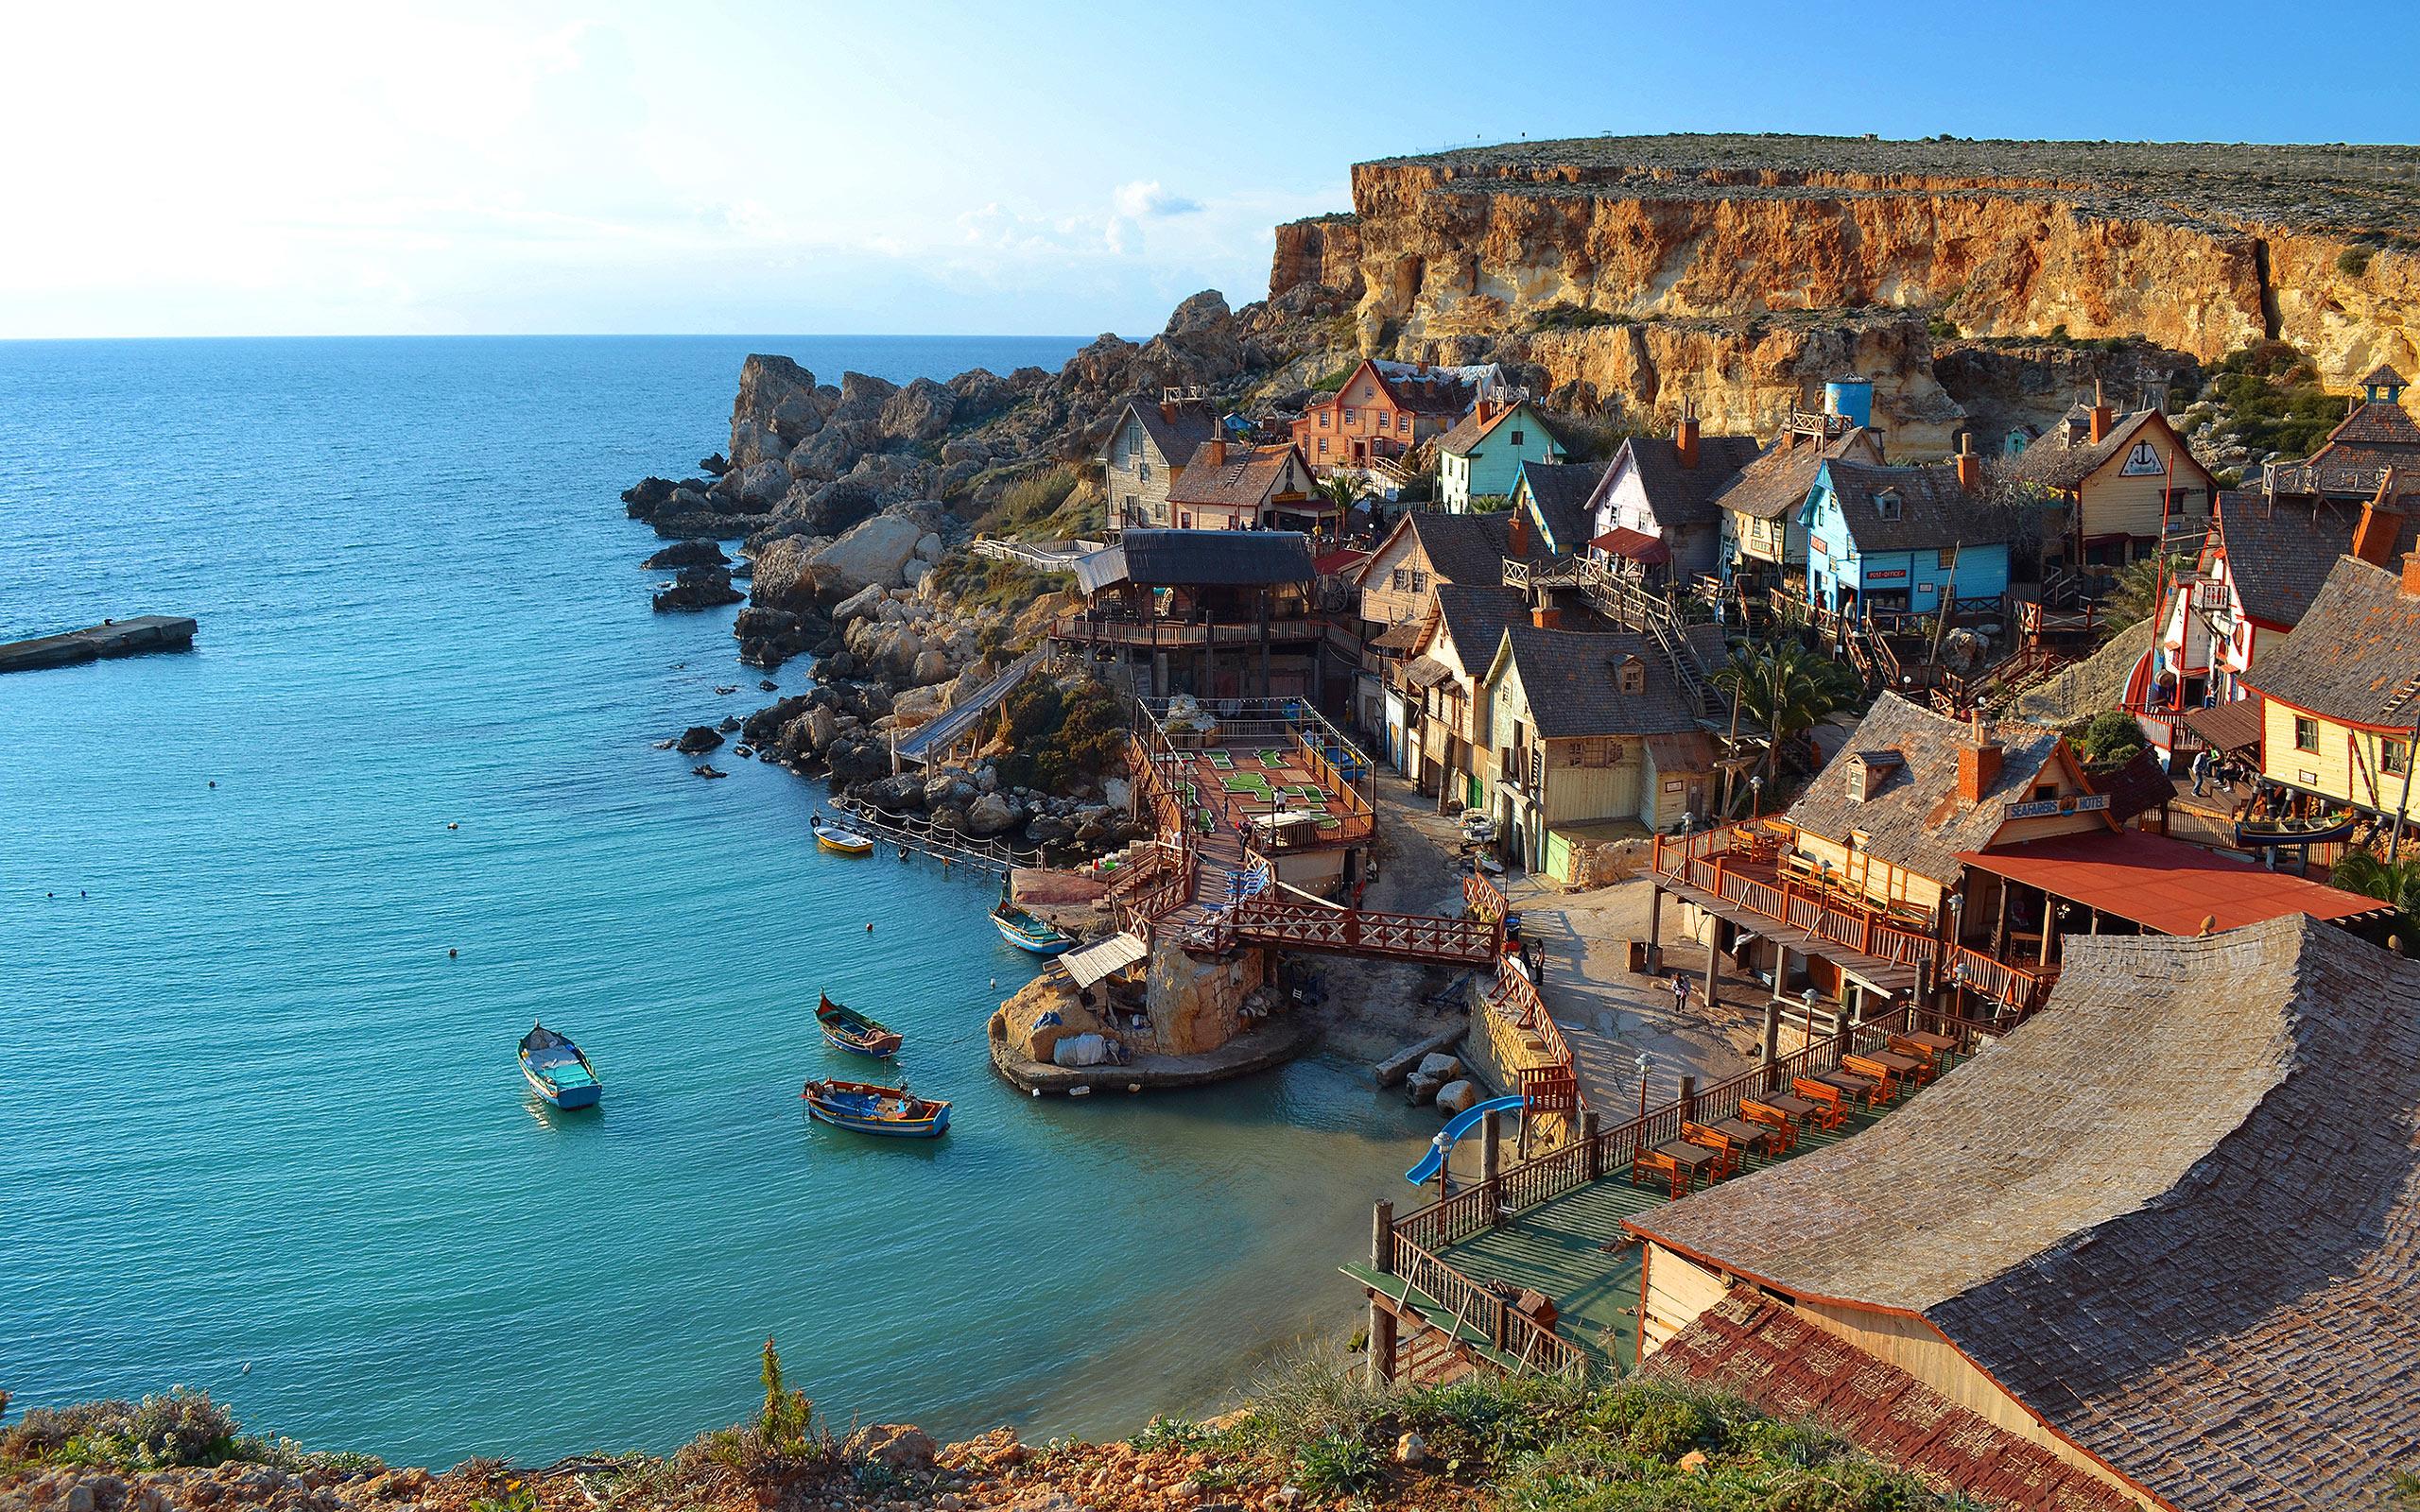 isola di gozo, malta